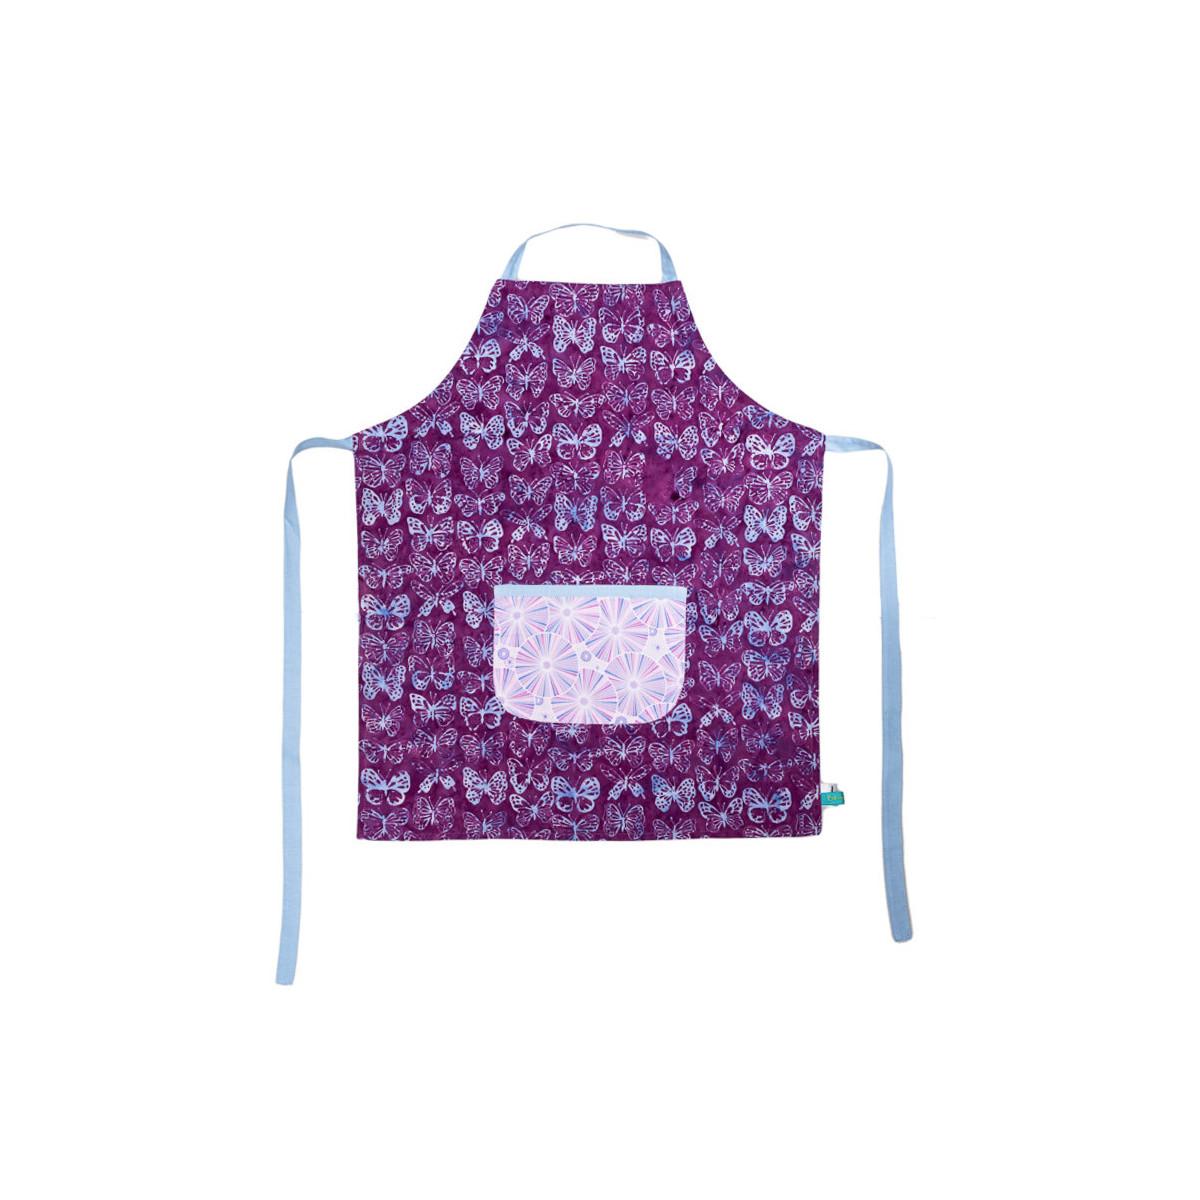 Tablier de cuisine enfant réversible papillons violets